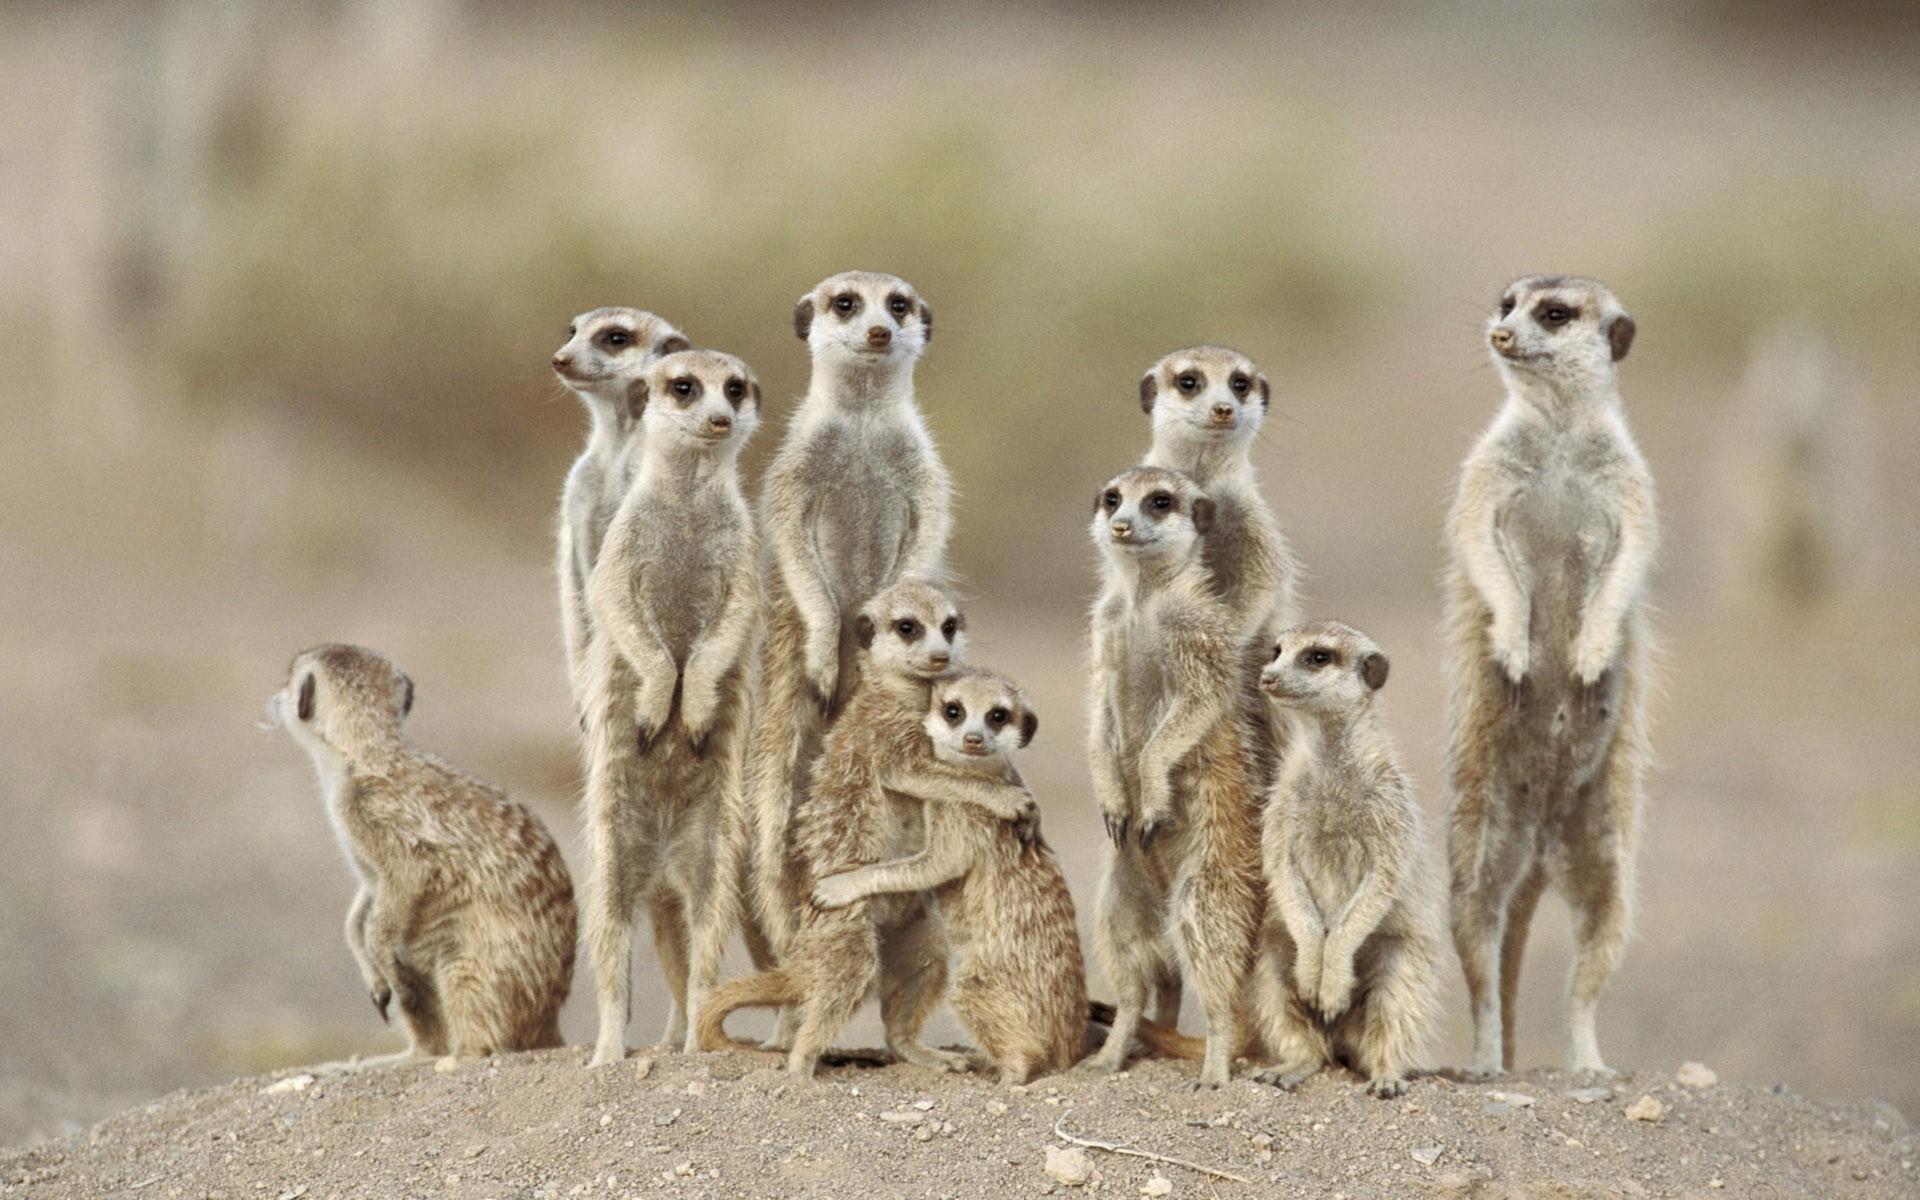 Meerkat Desktop wallpaper